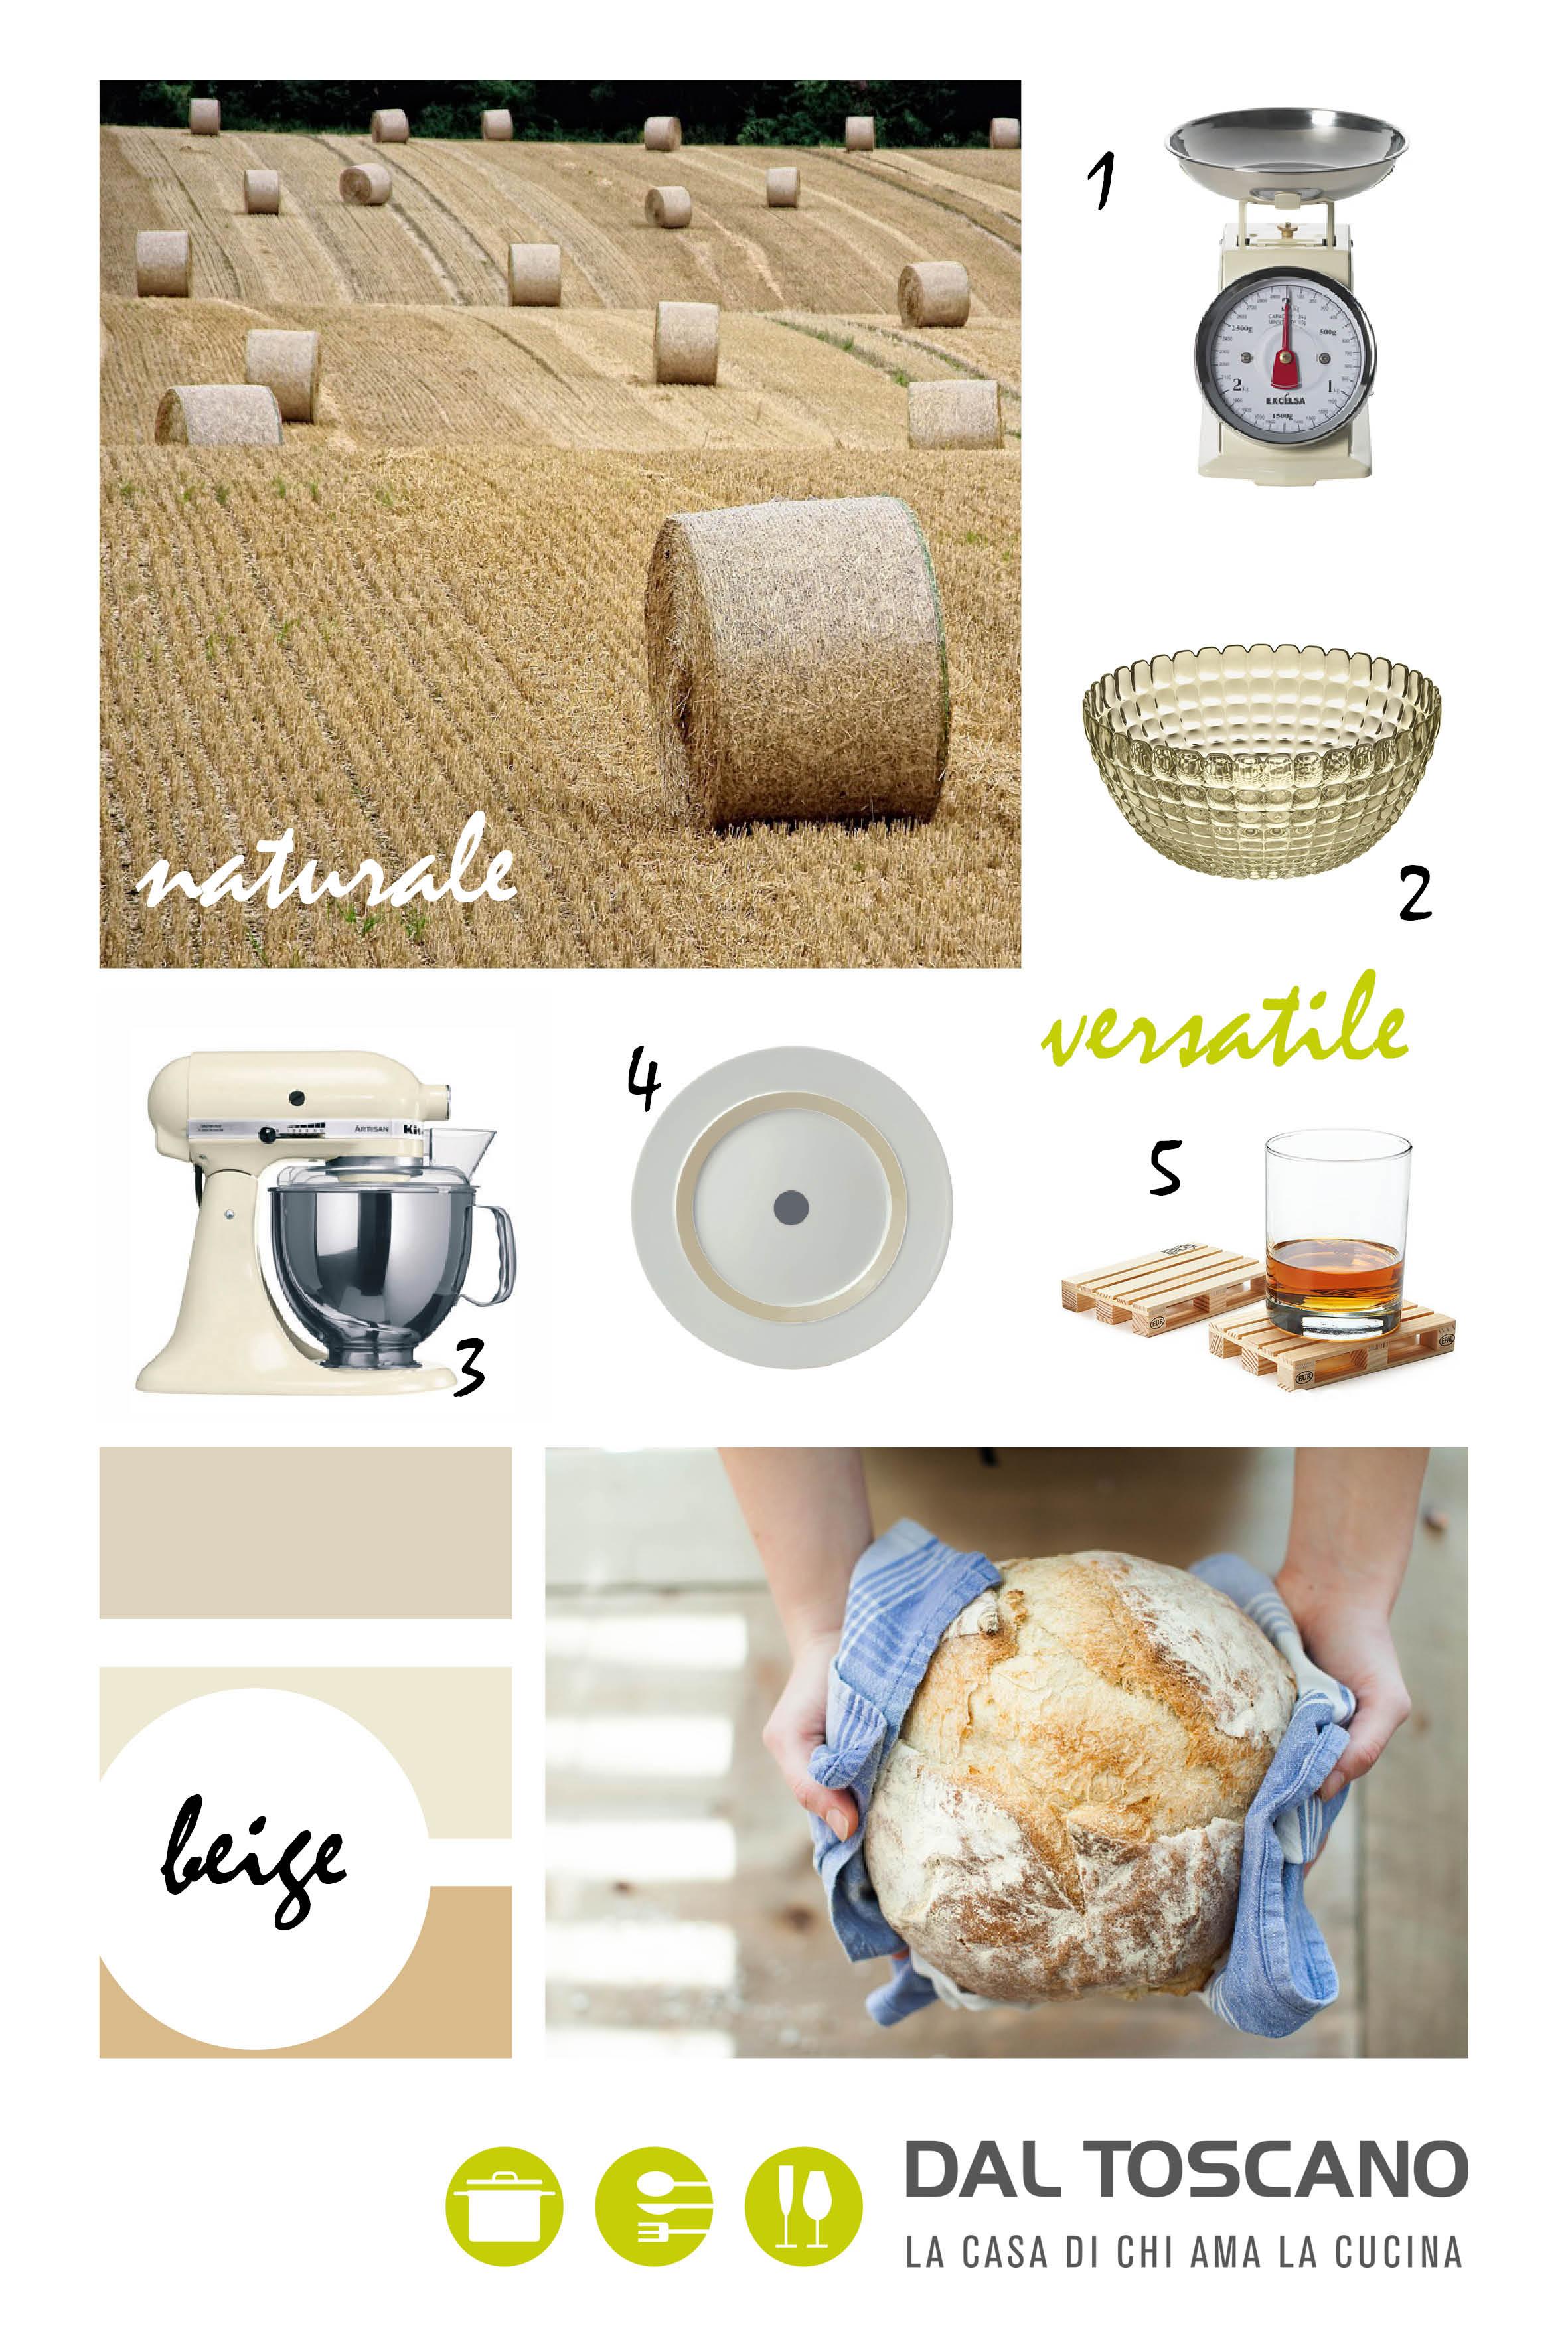 articoli per cucina e casa colore beige